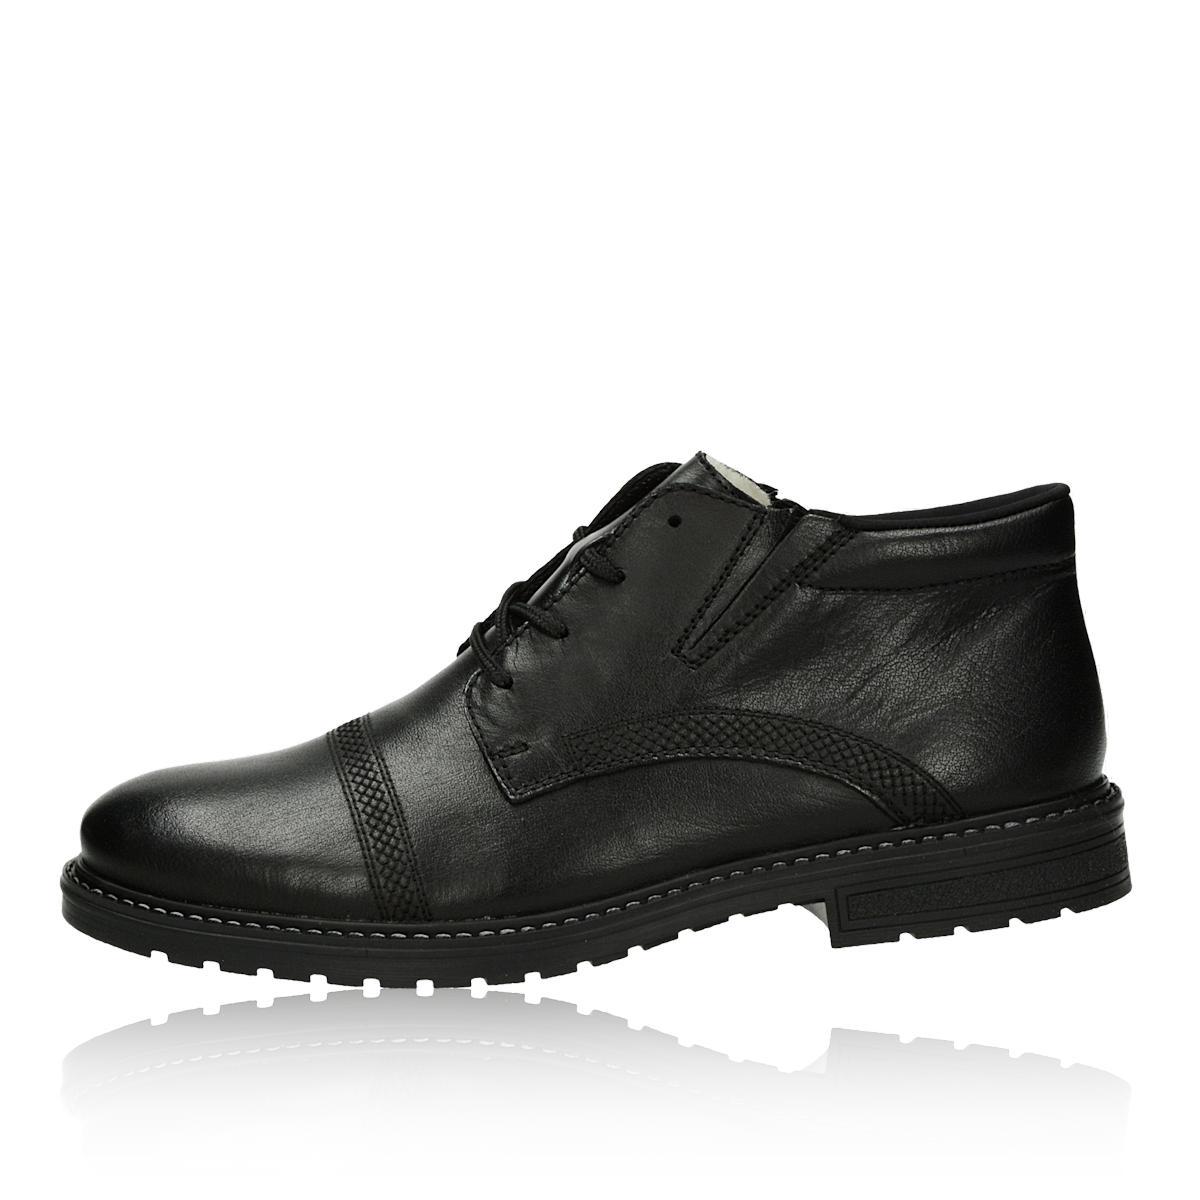 83a6f6b9d364 ... Rieker pánska kožená zateplená členková obuv - čierna ...